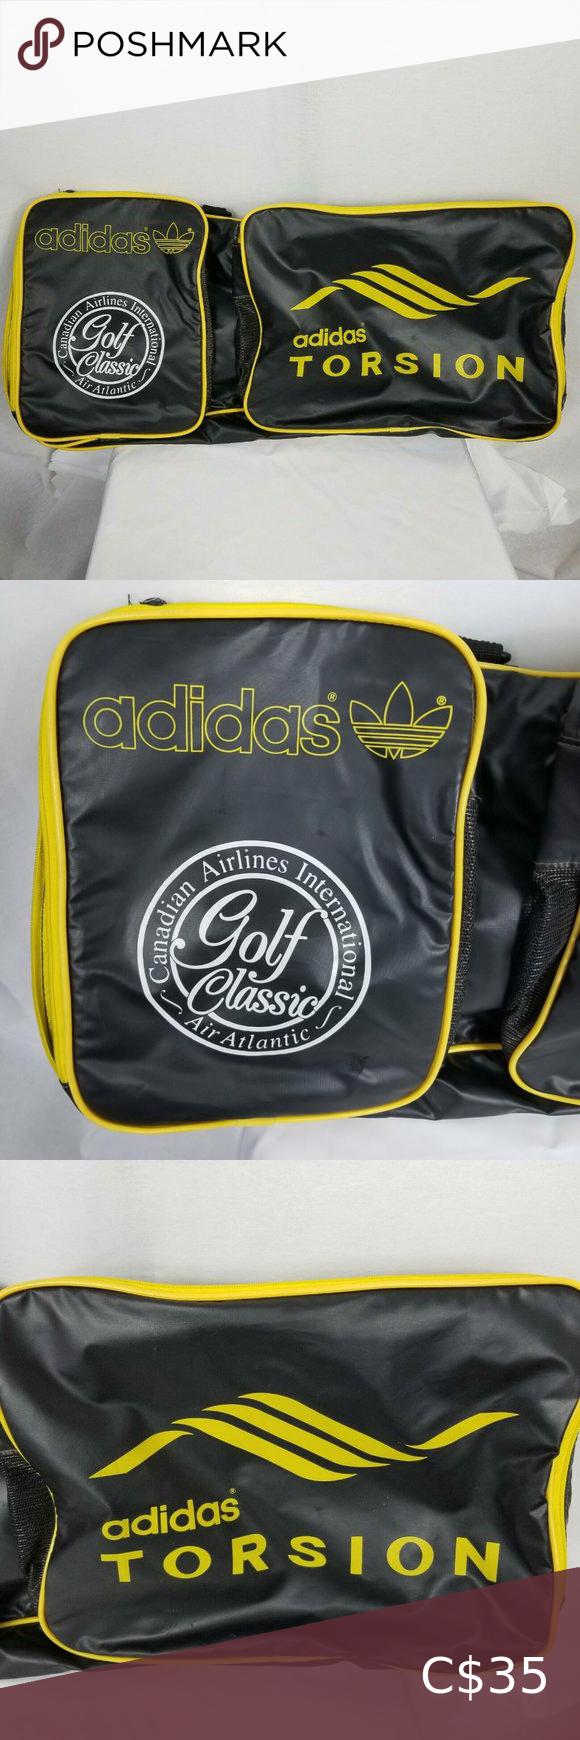 adidas Torsion Golf Classic Sports Bag in 2020 Adidas